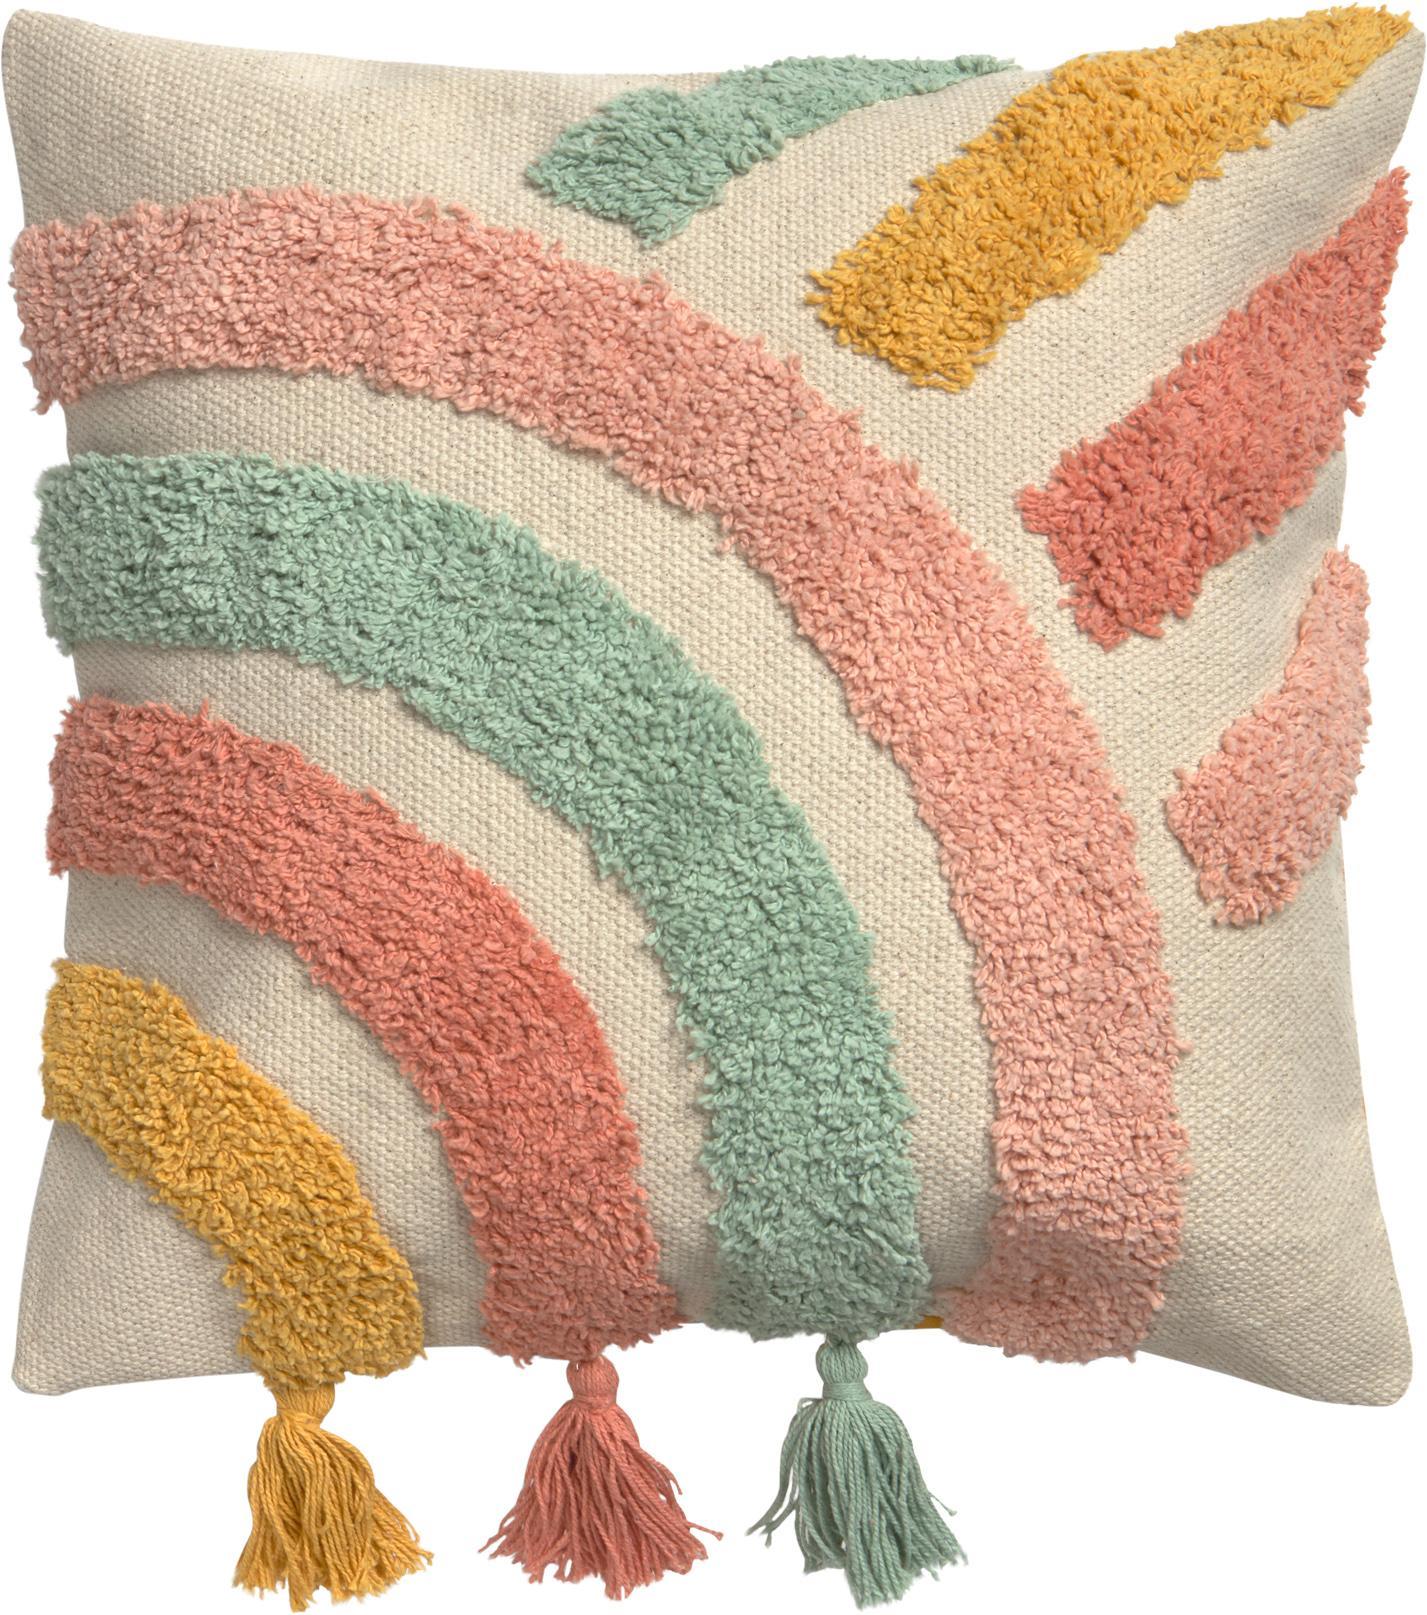 Federa arredo in cotone Arco, 100% cotone, Beige, multicolore, Larg. 45 x Lung. 45 cm